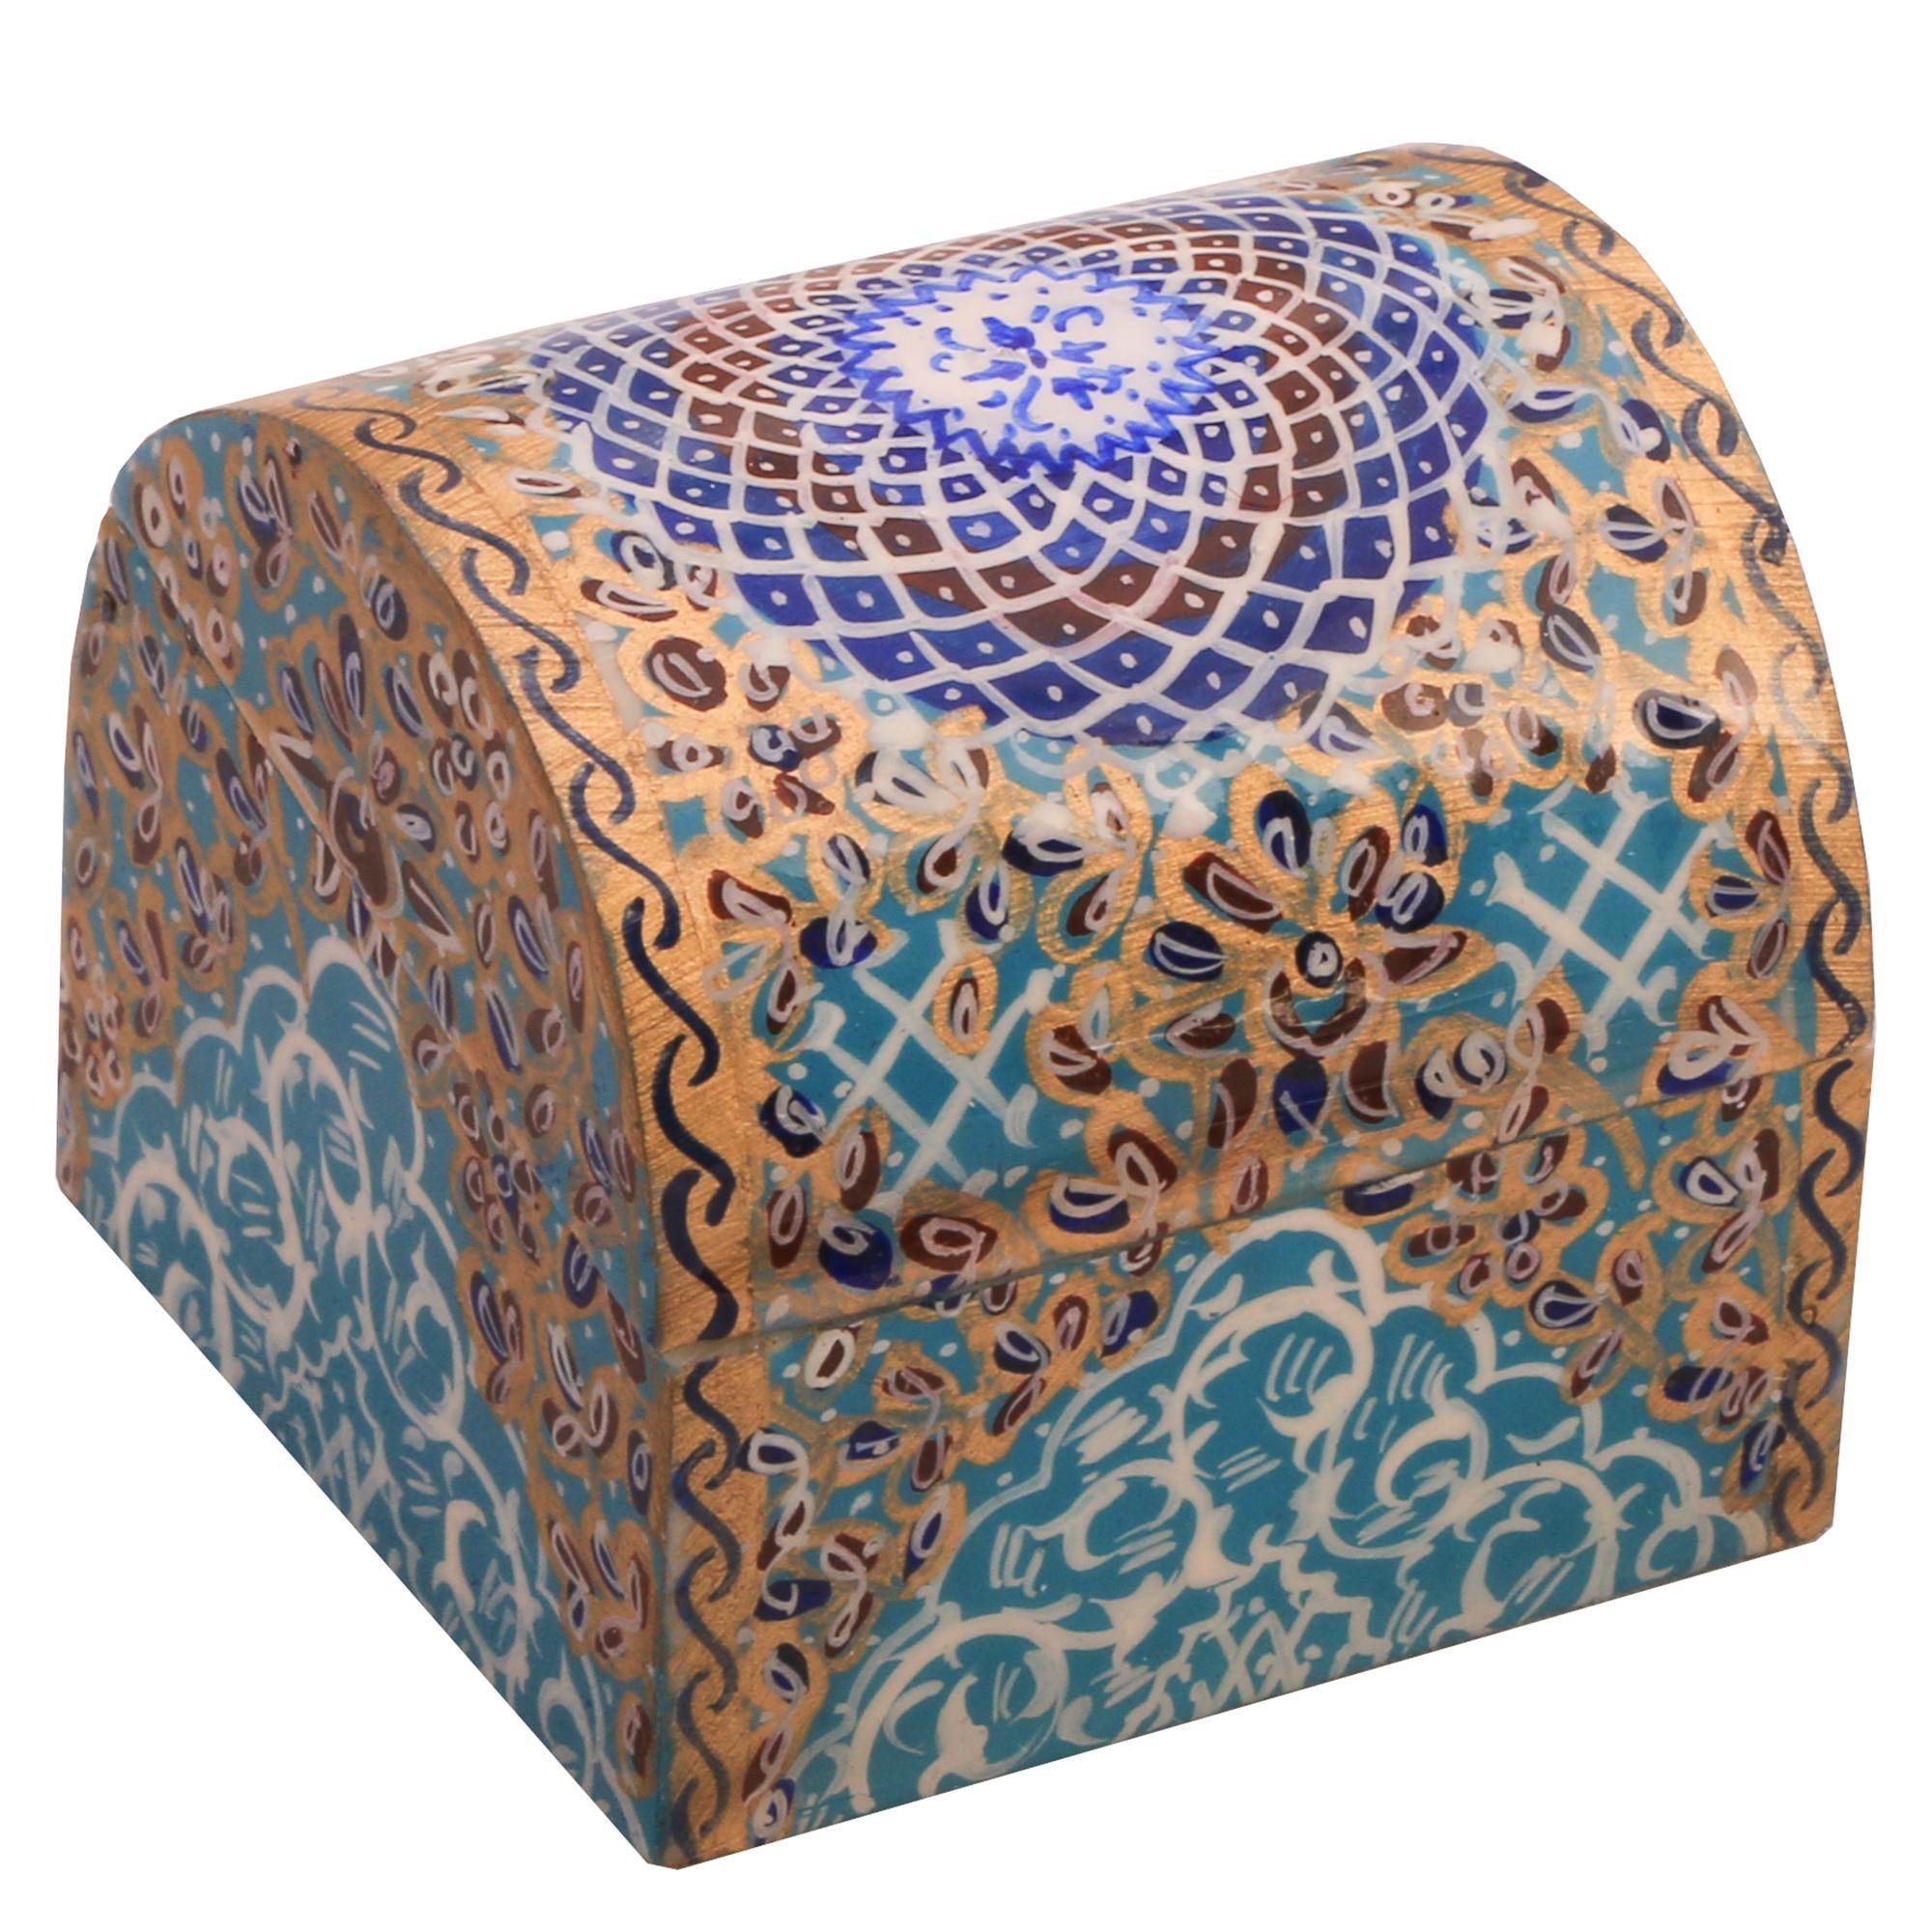 جعبه جواهرات استخوانی کد 1092